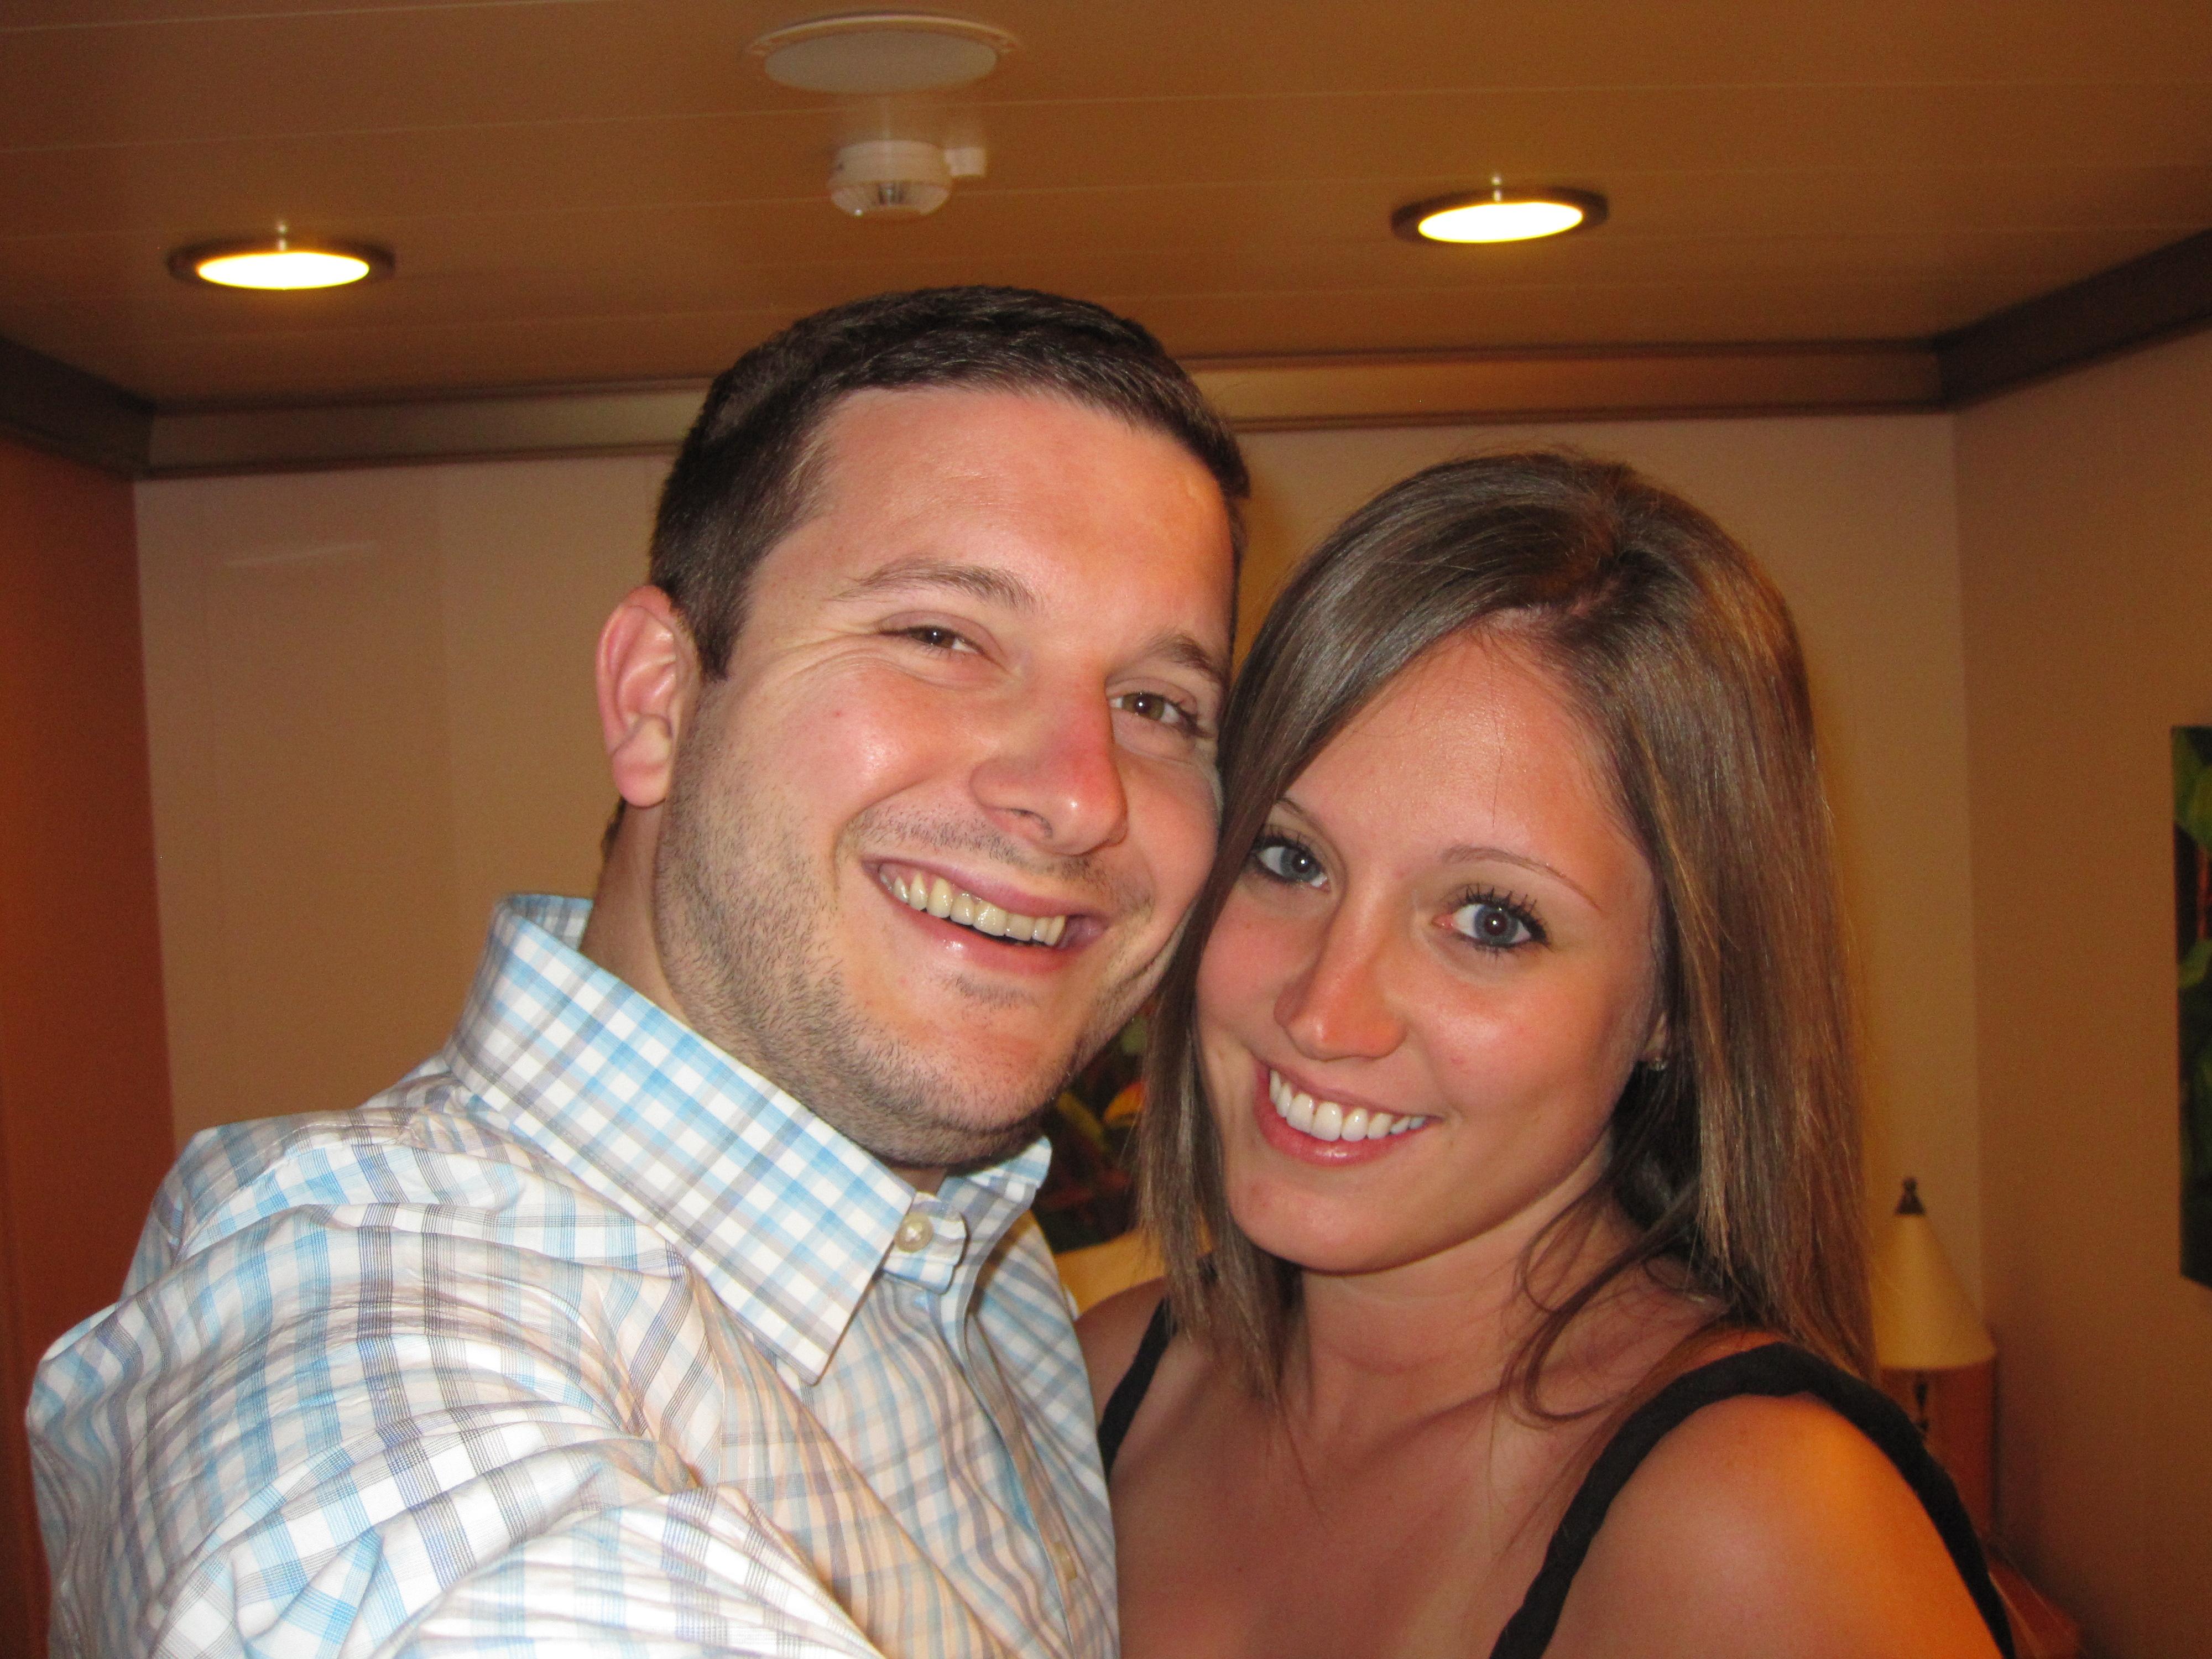 Josh + Lauren, Euro cruise, 2011